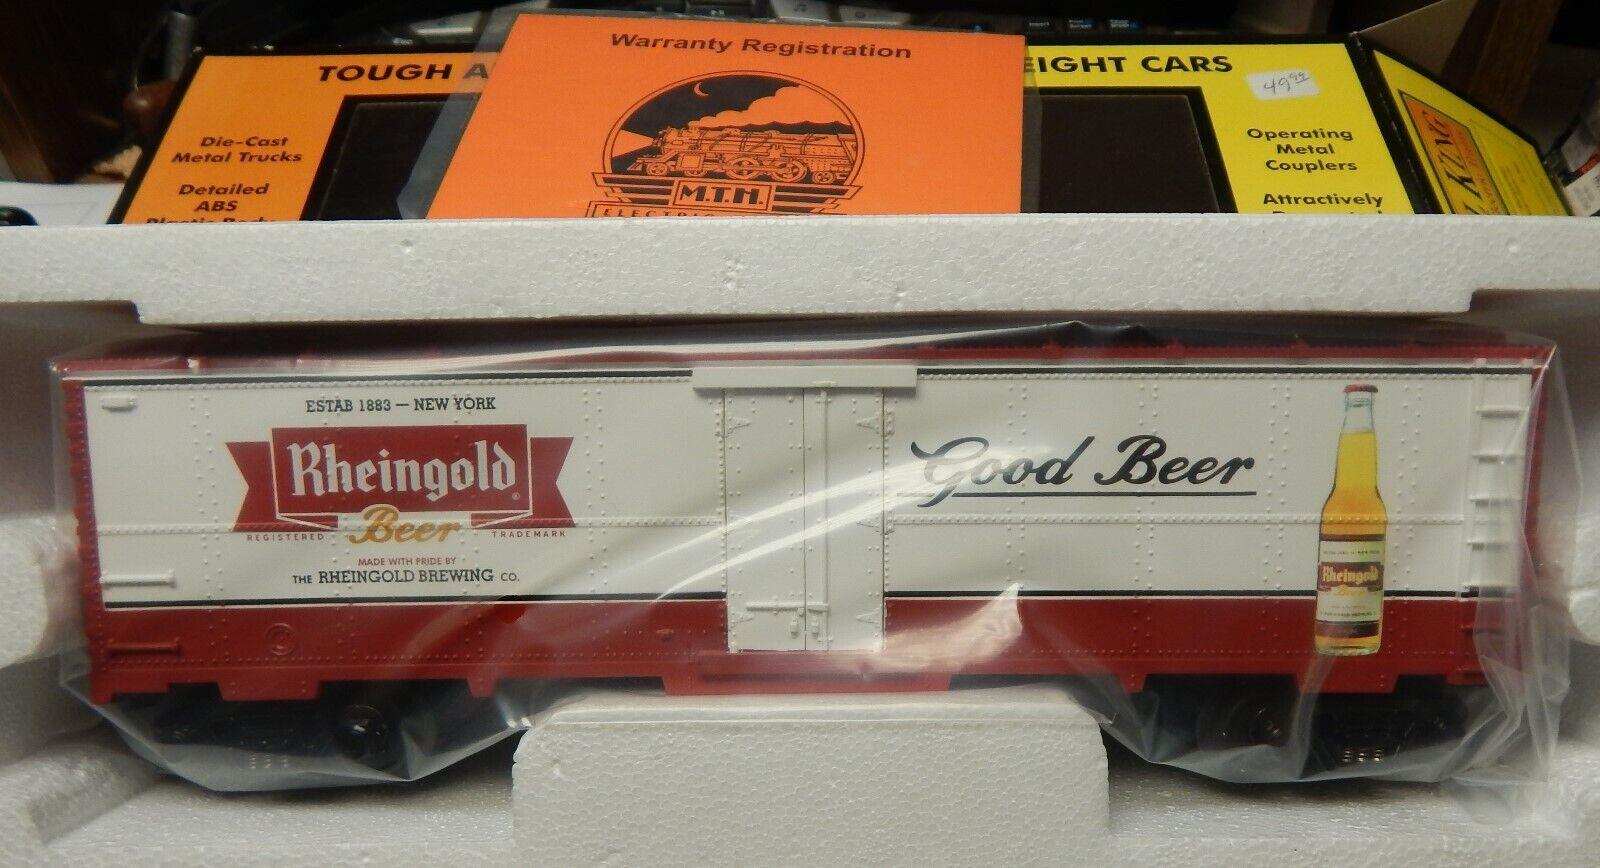 MTH RAIL KING 30-7883 RHEINgold BEER MODERN REEFER CAR NIB O SCALE RARE LQQK